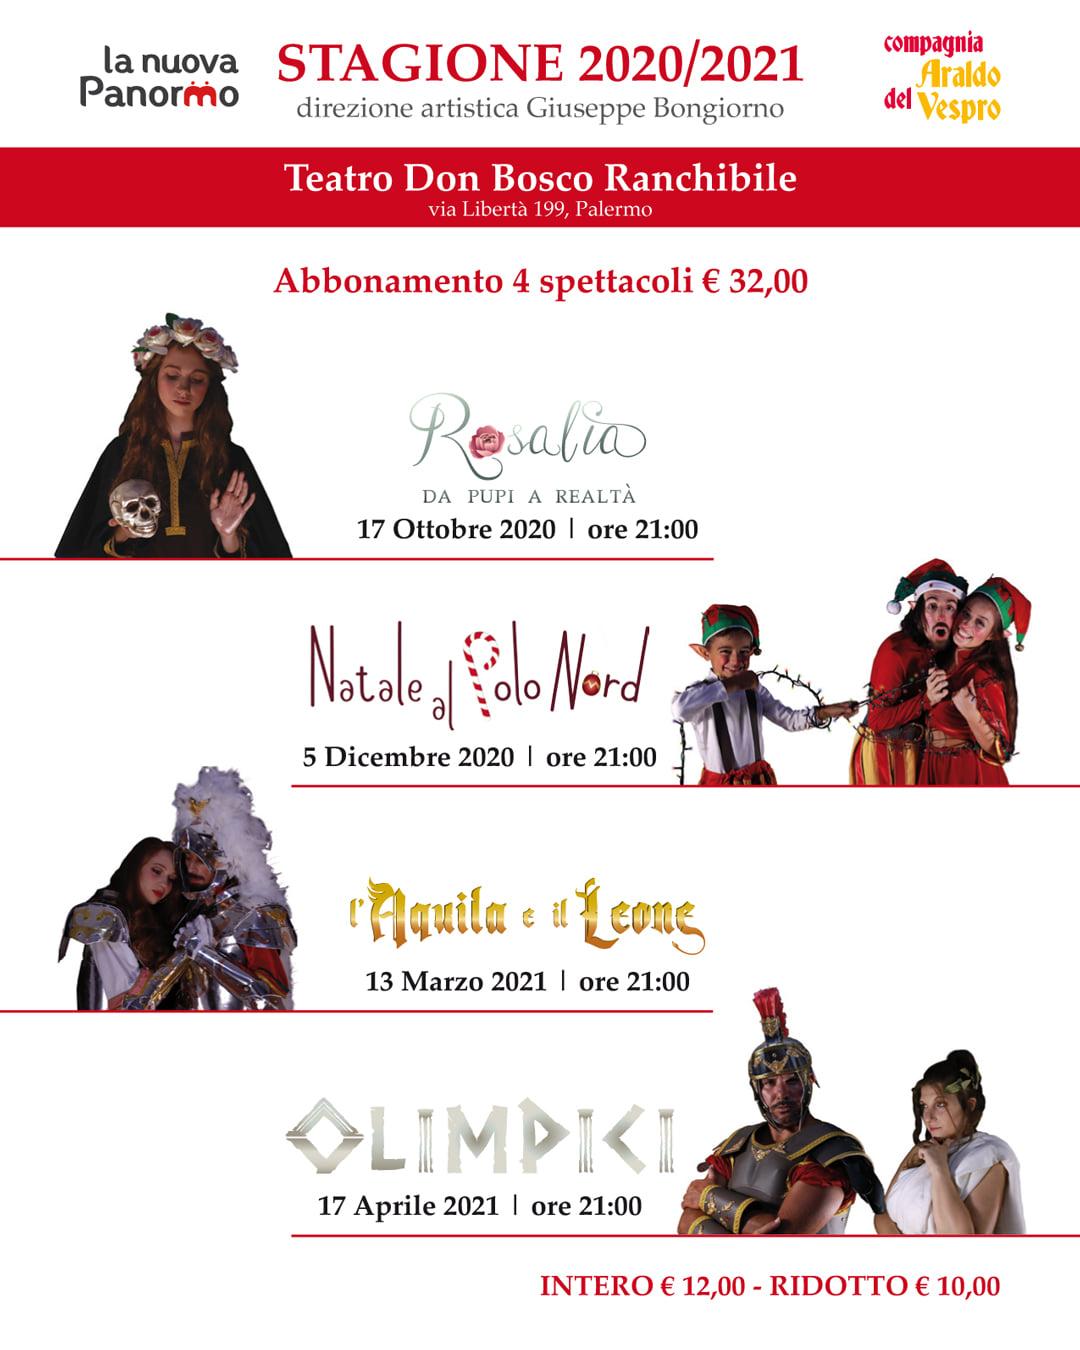 Araldo del Vespro compagnia teatrale Palermo